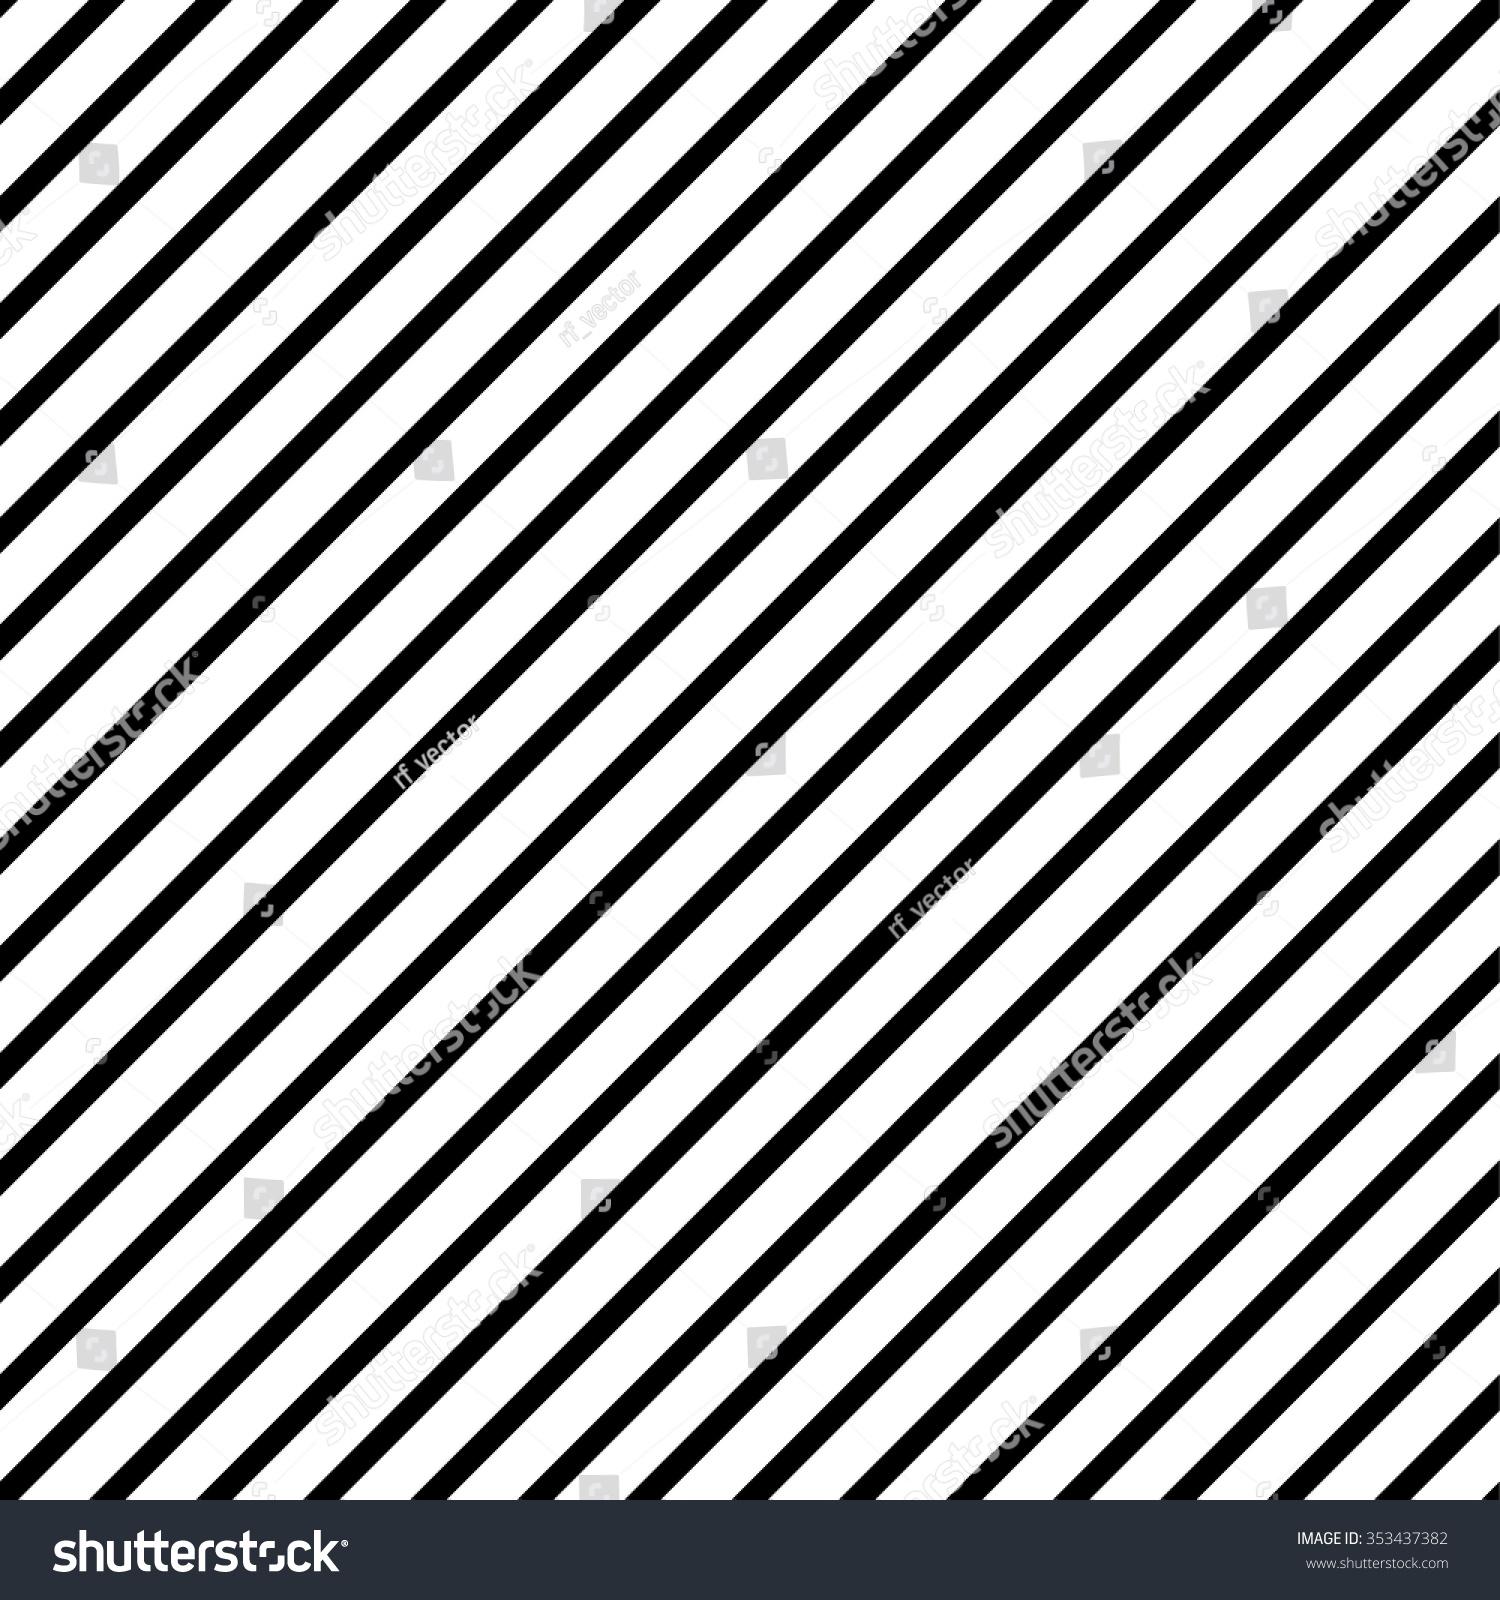 Line Texture : Diagonal line pattern